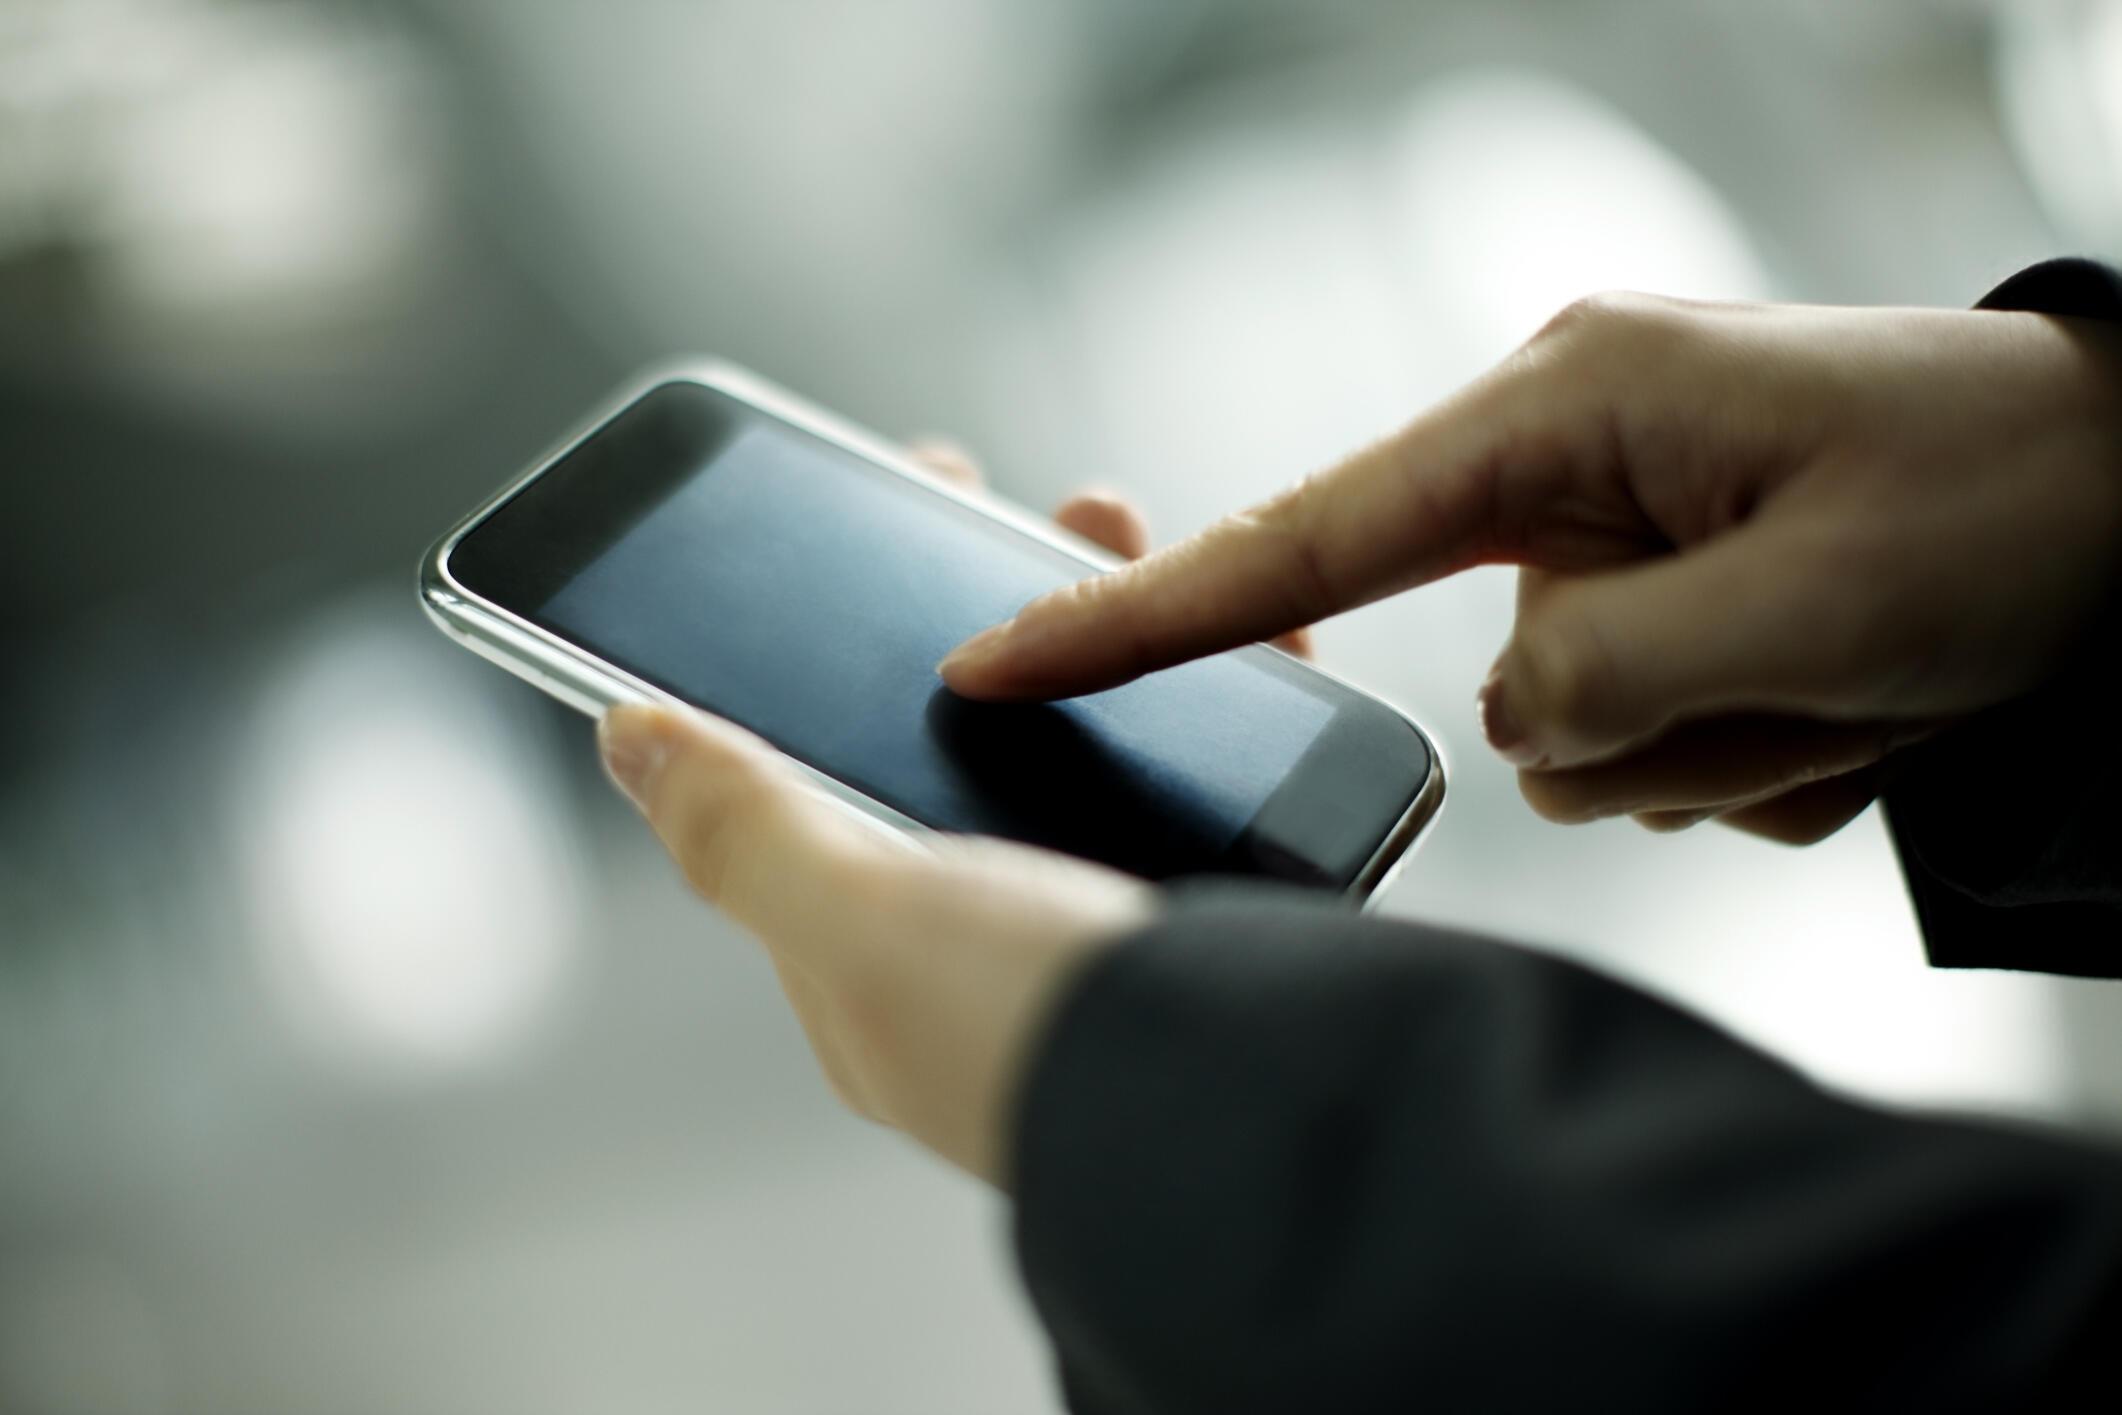 Les Palestiniens n'ont pas encore accès à internet via leur téléphone mobile. (photo d'illustration)